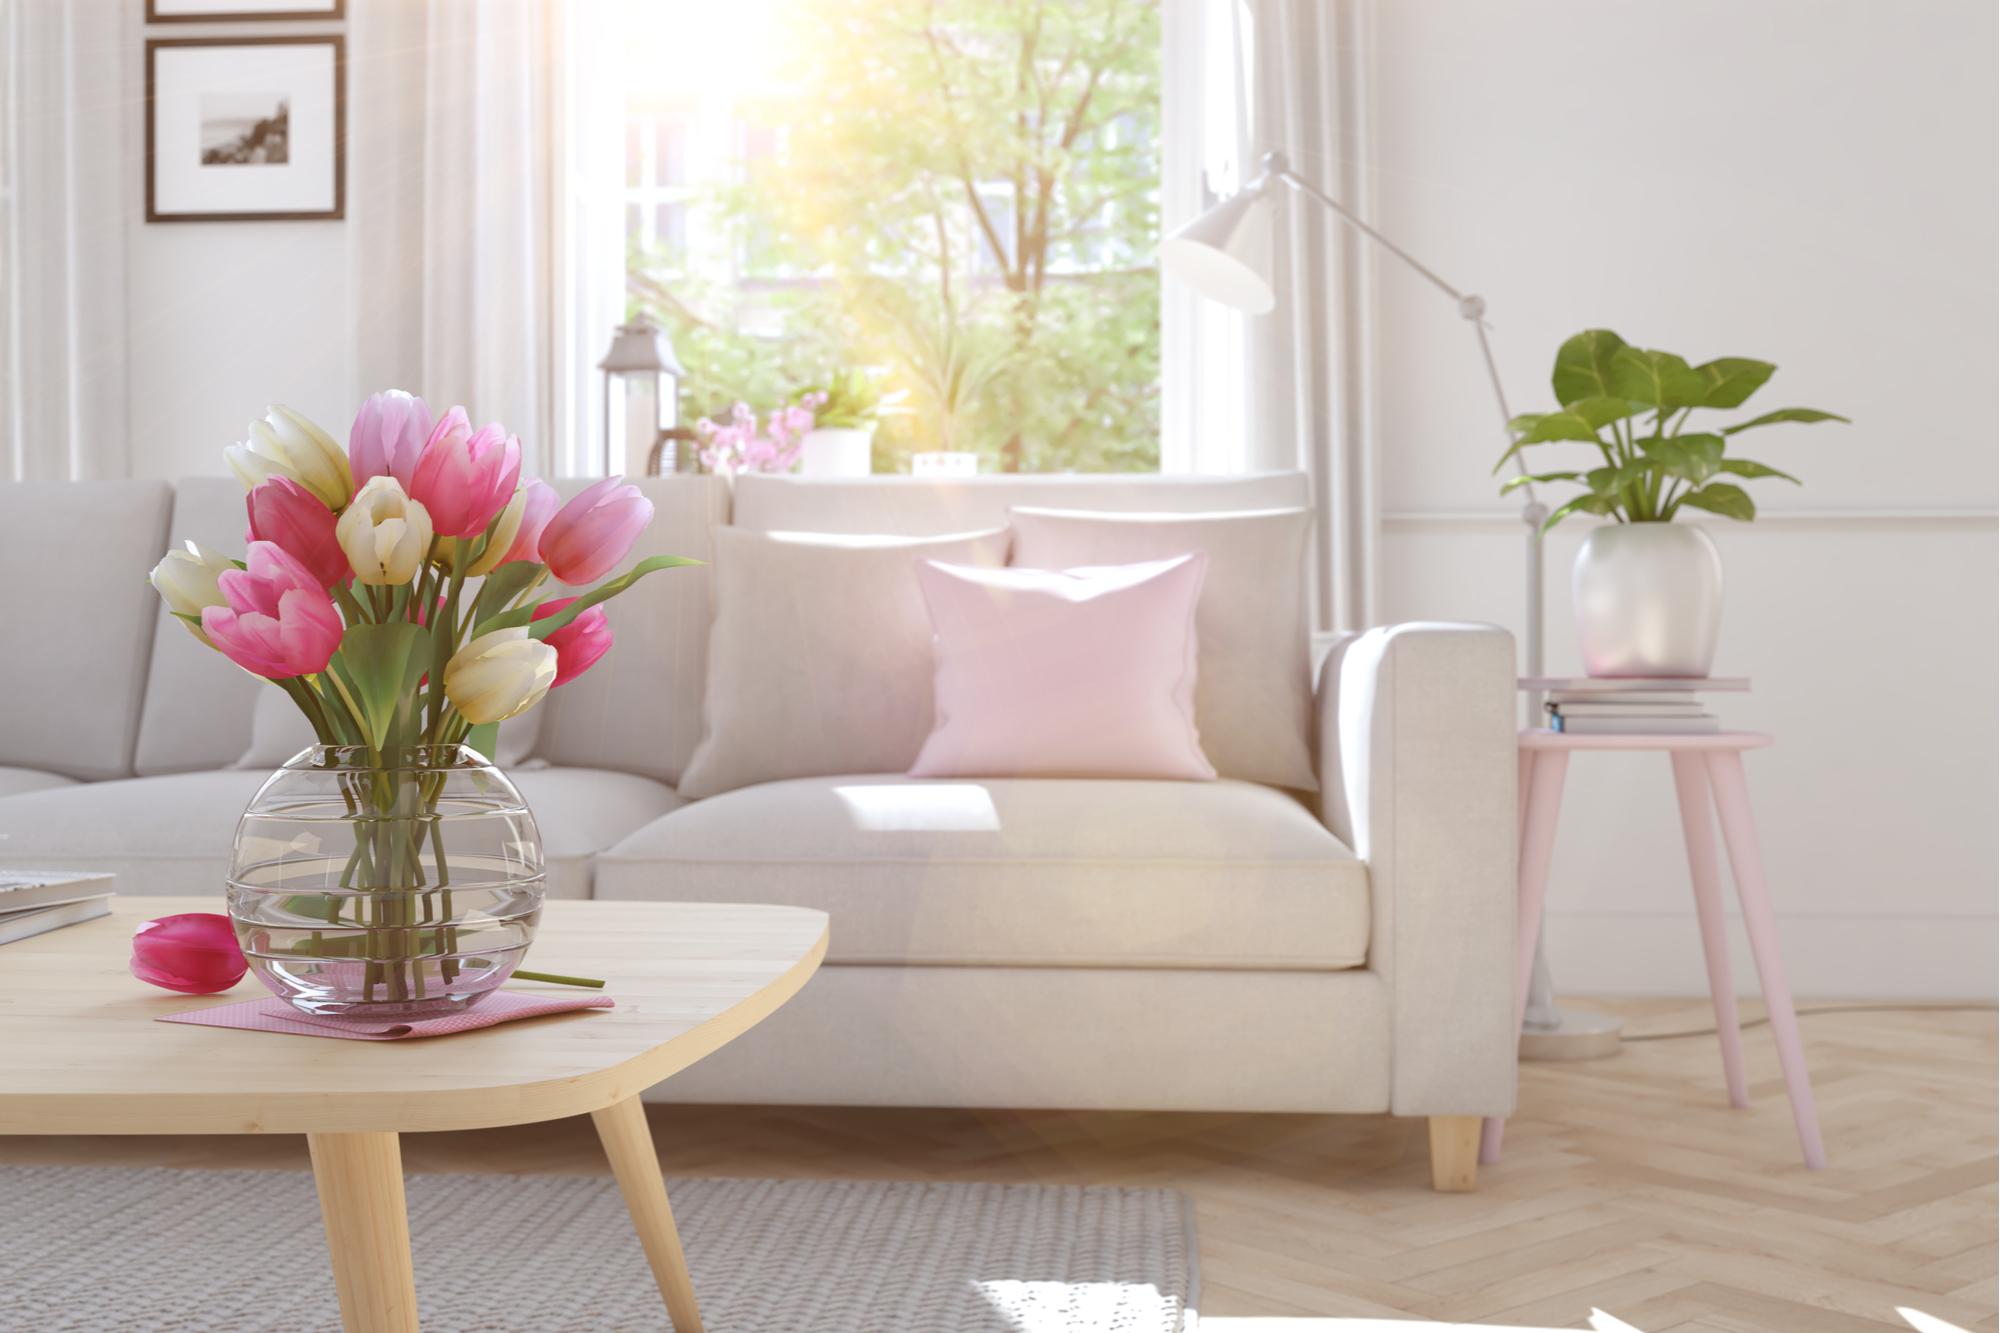 Připravte svoje obydlí na přicházející jaro